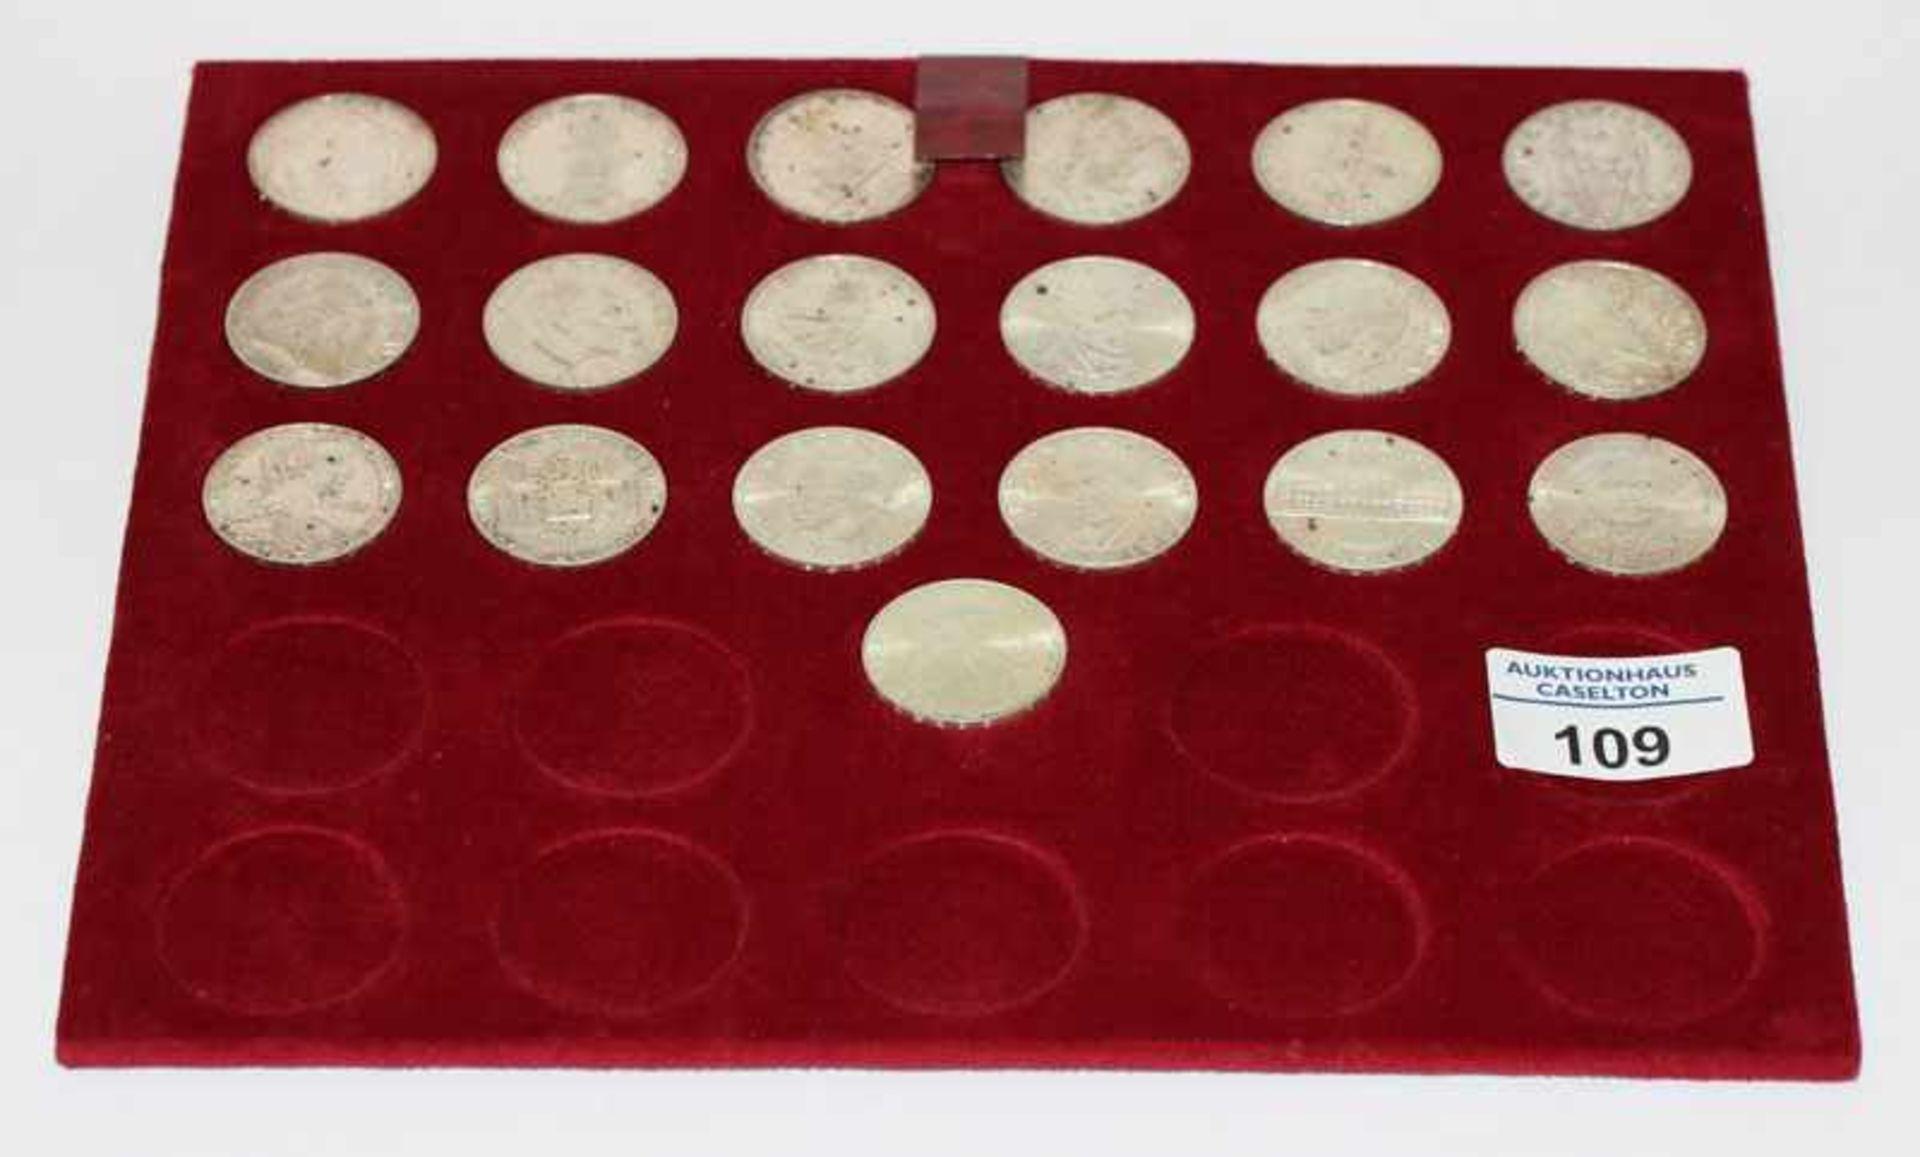 Los 109 - Satz Österreich 25 Schilling Silbermünzen, 19 Stück, zus. 197,6 gr. Feinsilber, in Etui